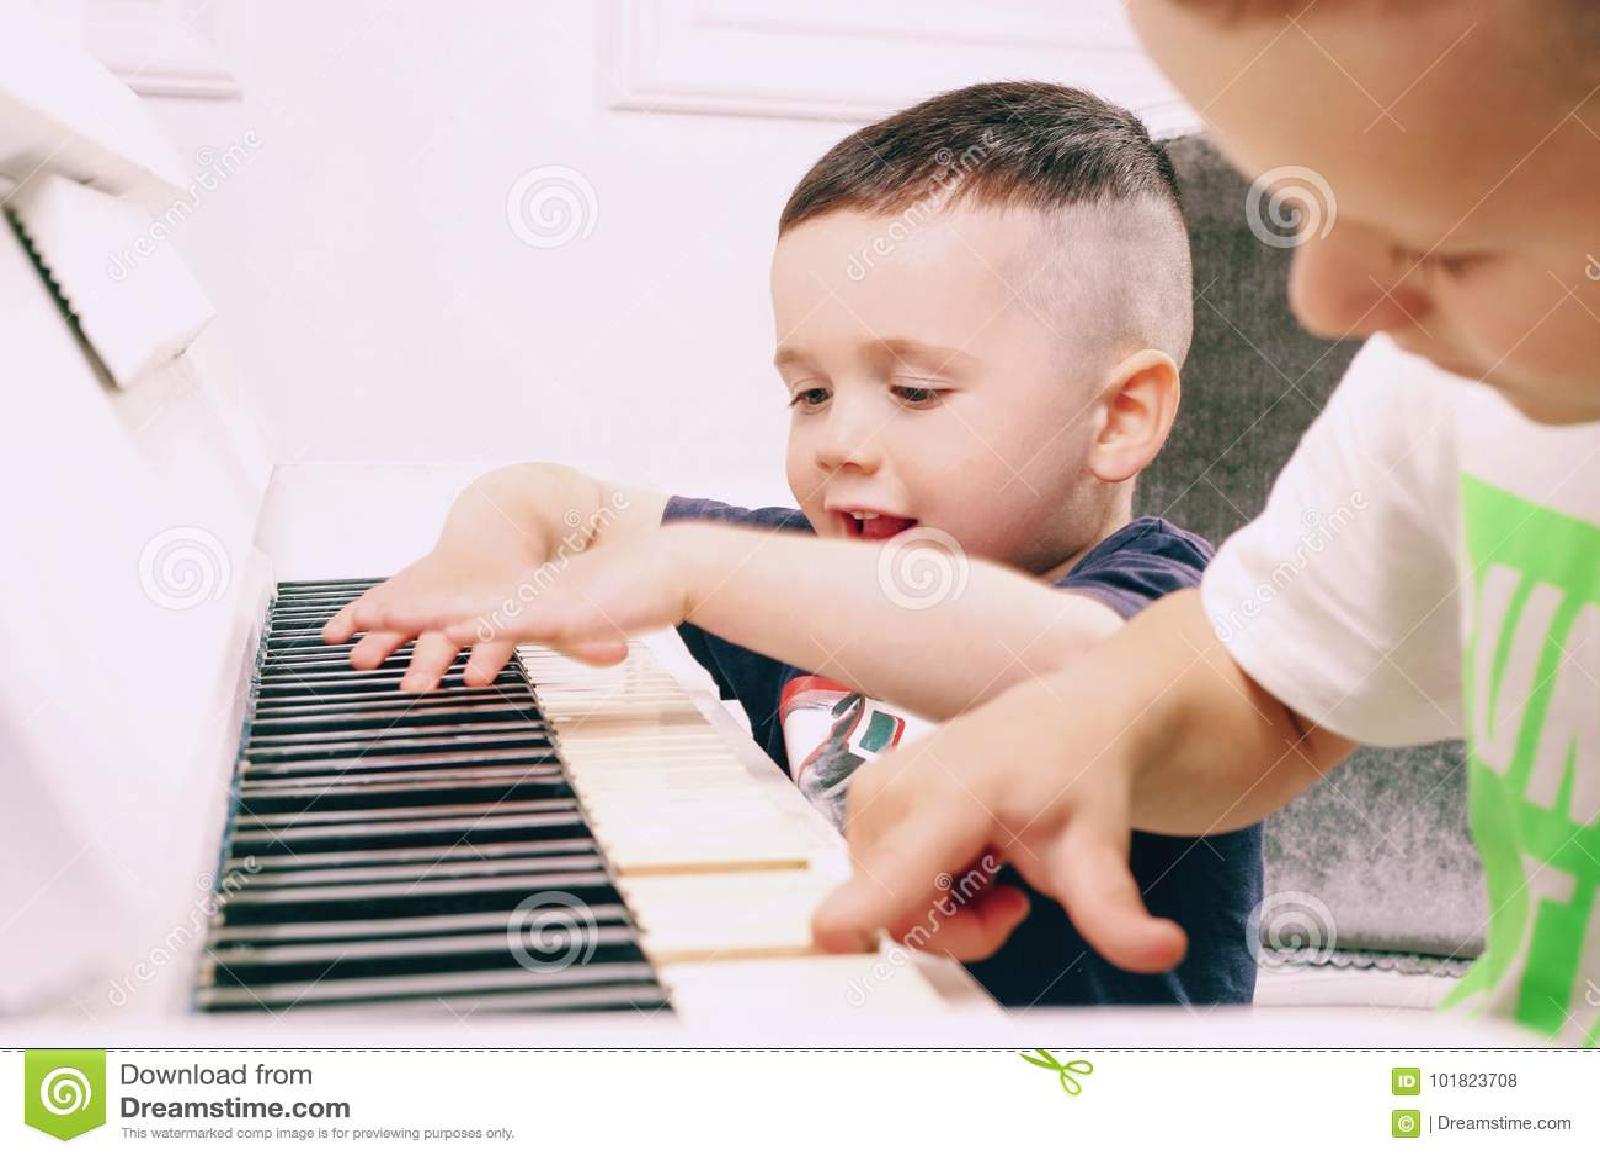 Le garçon joue le piano